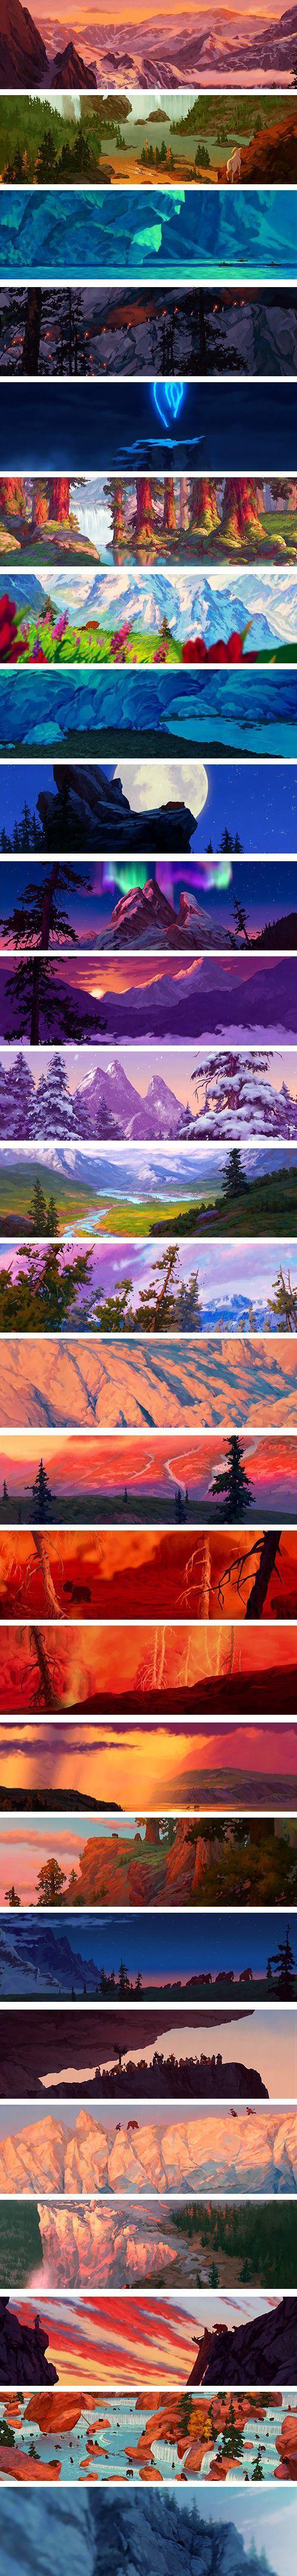 Décors sublimes couleurs                                                                                                                                                                                 Plus